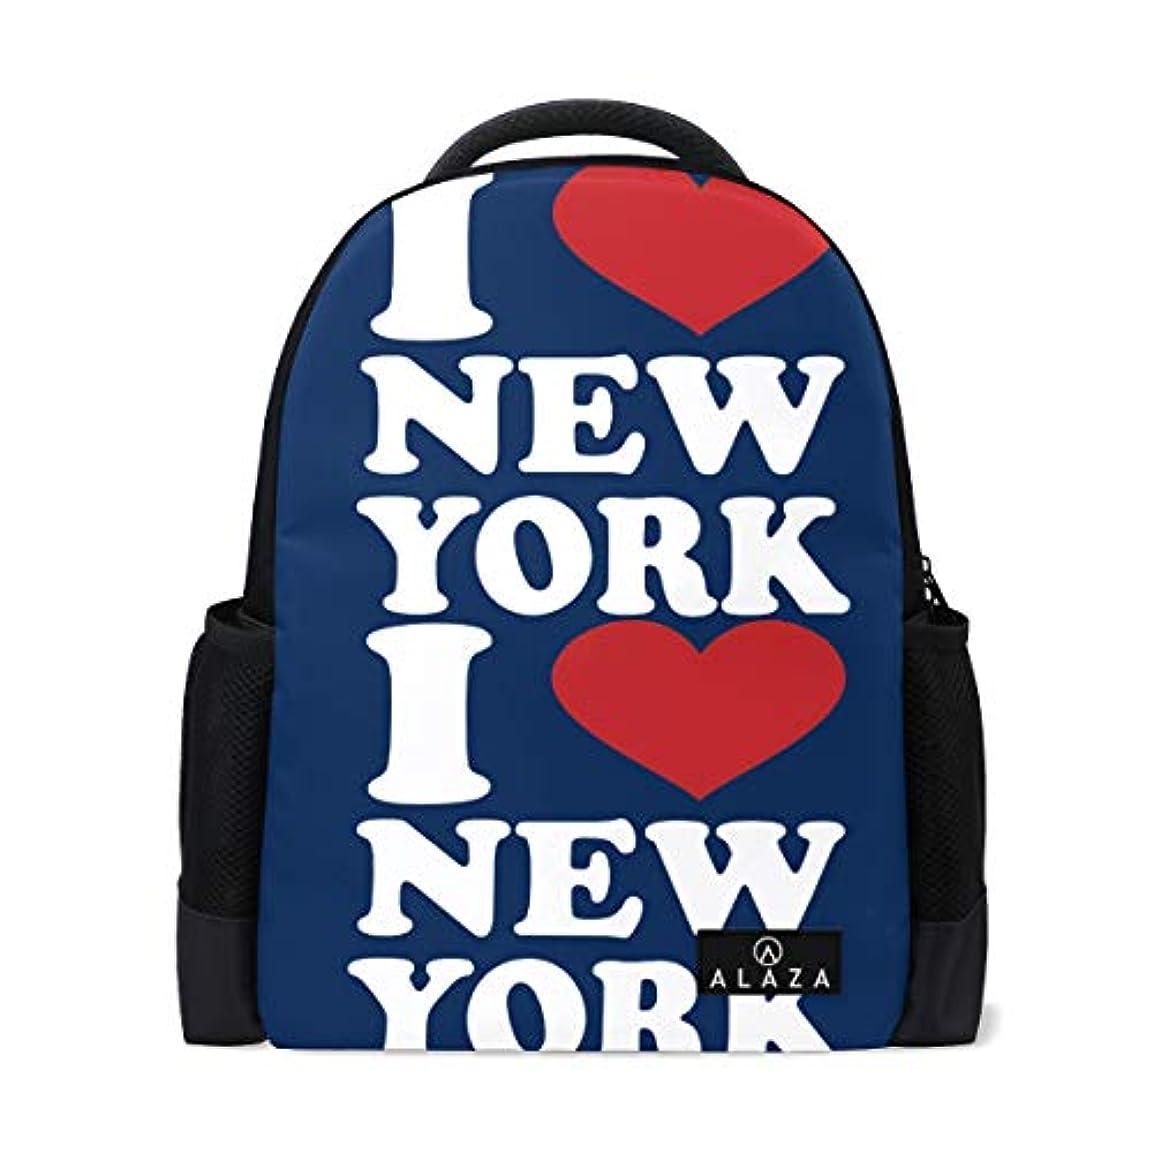 そこから飛躍いつかニューヨーク リュックバック 大容量 防水 アウトドア 登山 旅行 通学 可愛い ファッション バックパック 防水 軽量 多機能 男女通用 遠足 通学 旅行 人気